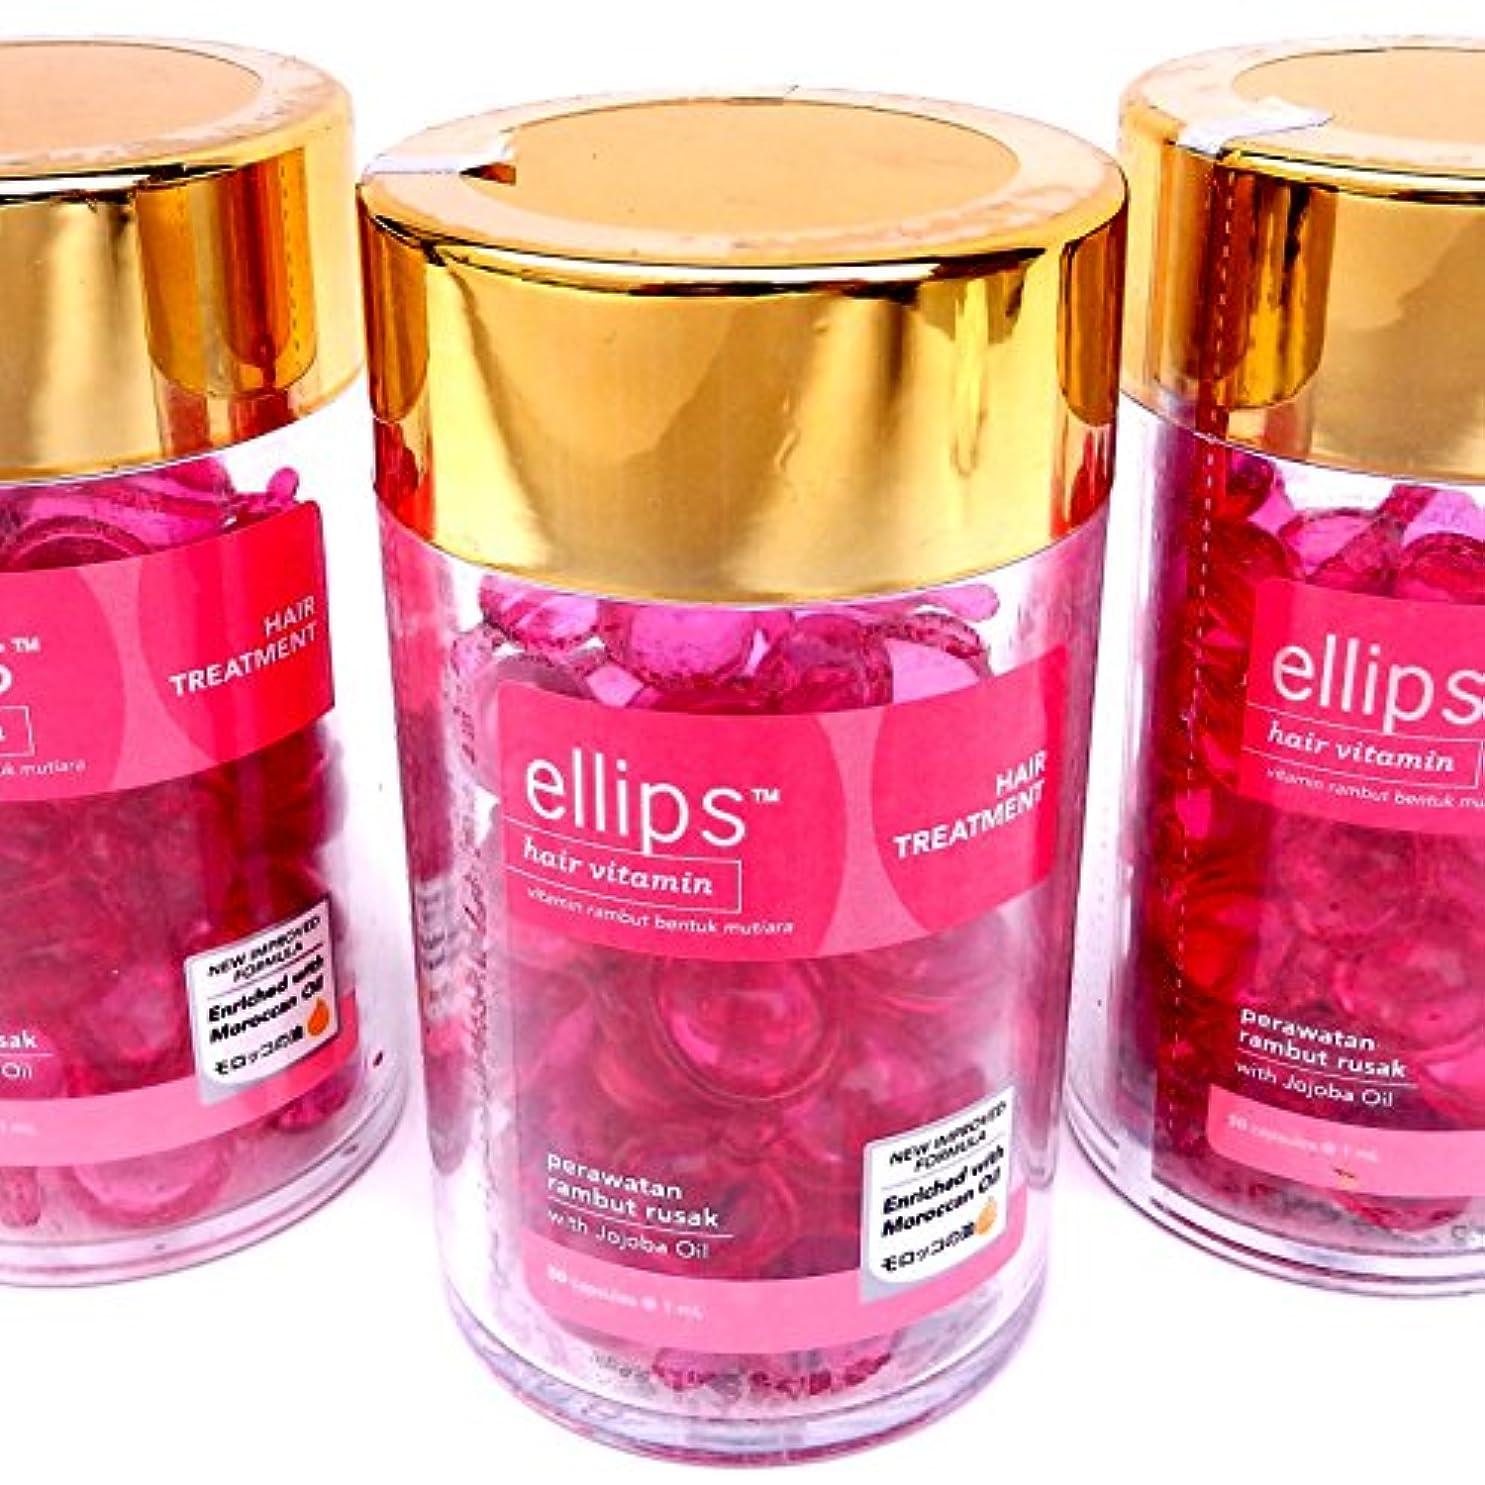 アプトプロペラ間違いエリプス(Ellips) ヘアビタミン ピンク ボトル(50粒入)× 3 個セット[並行輸入品]